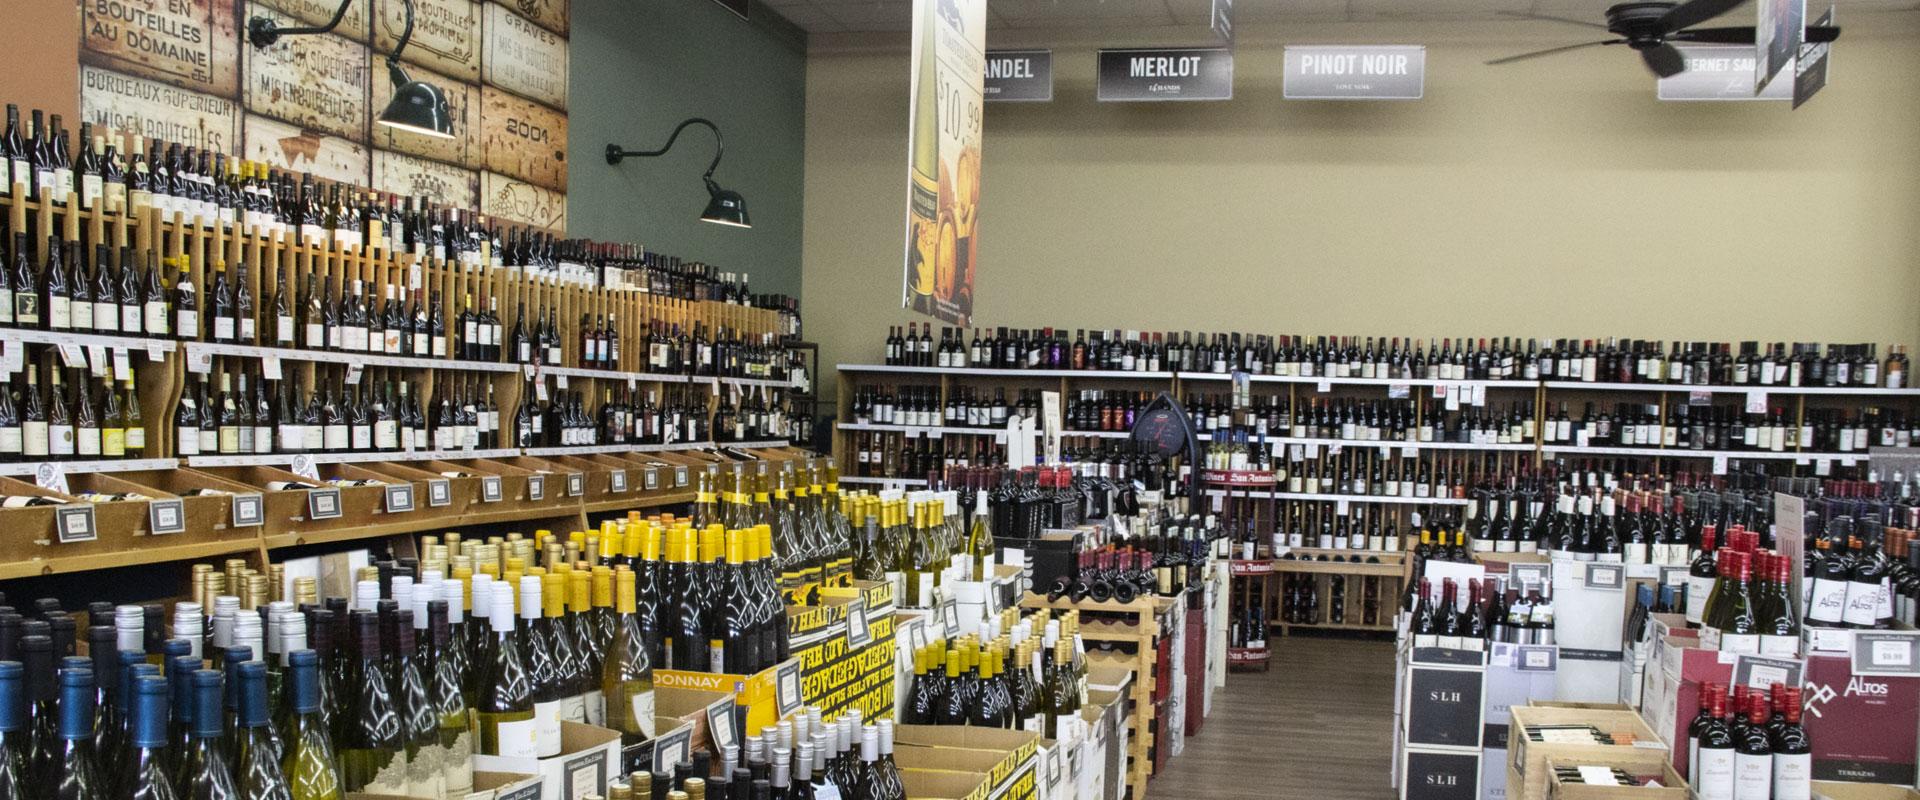 Georgetown Wine & Spirits